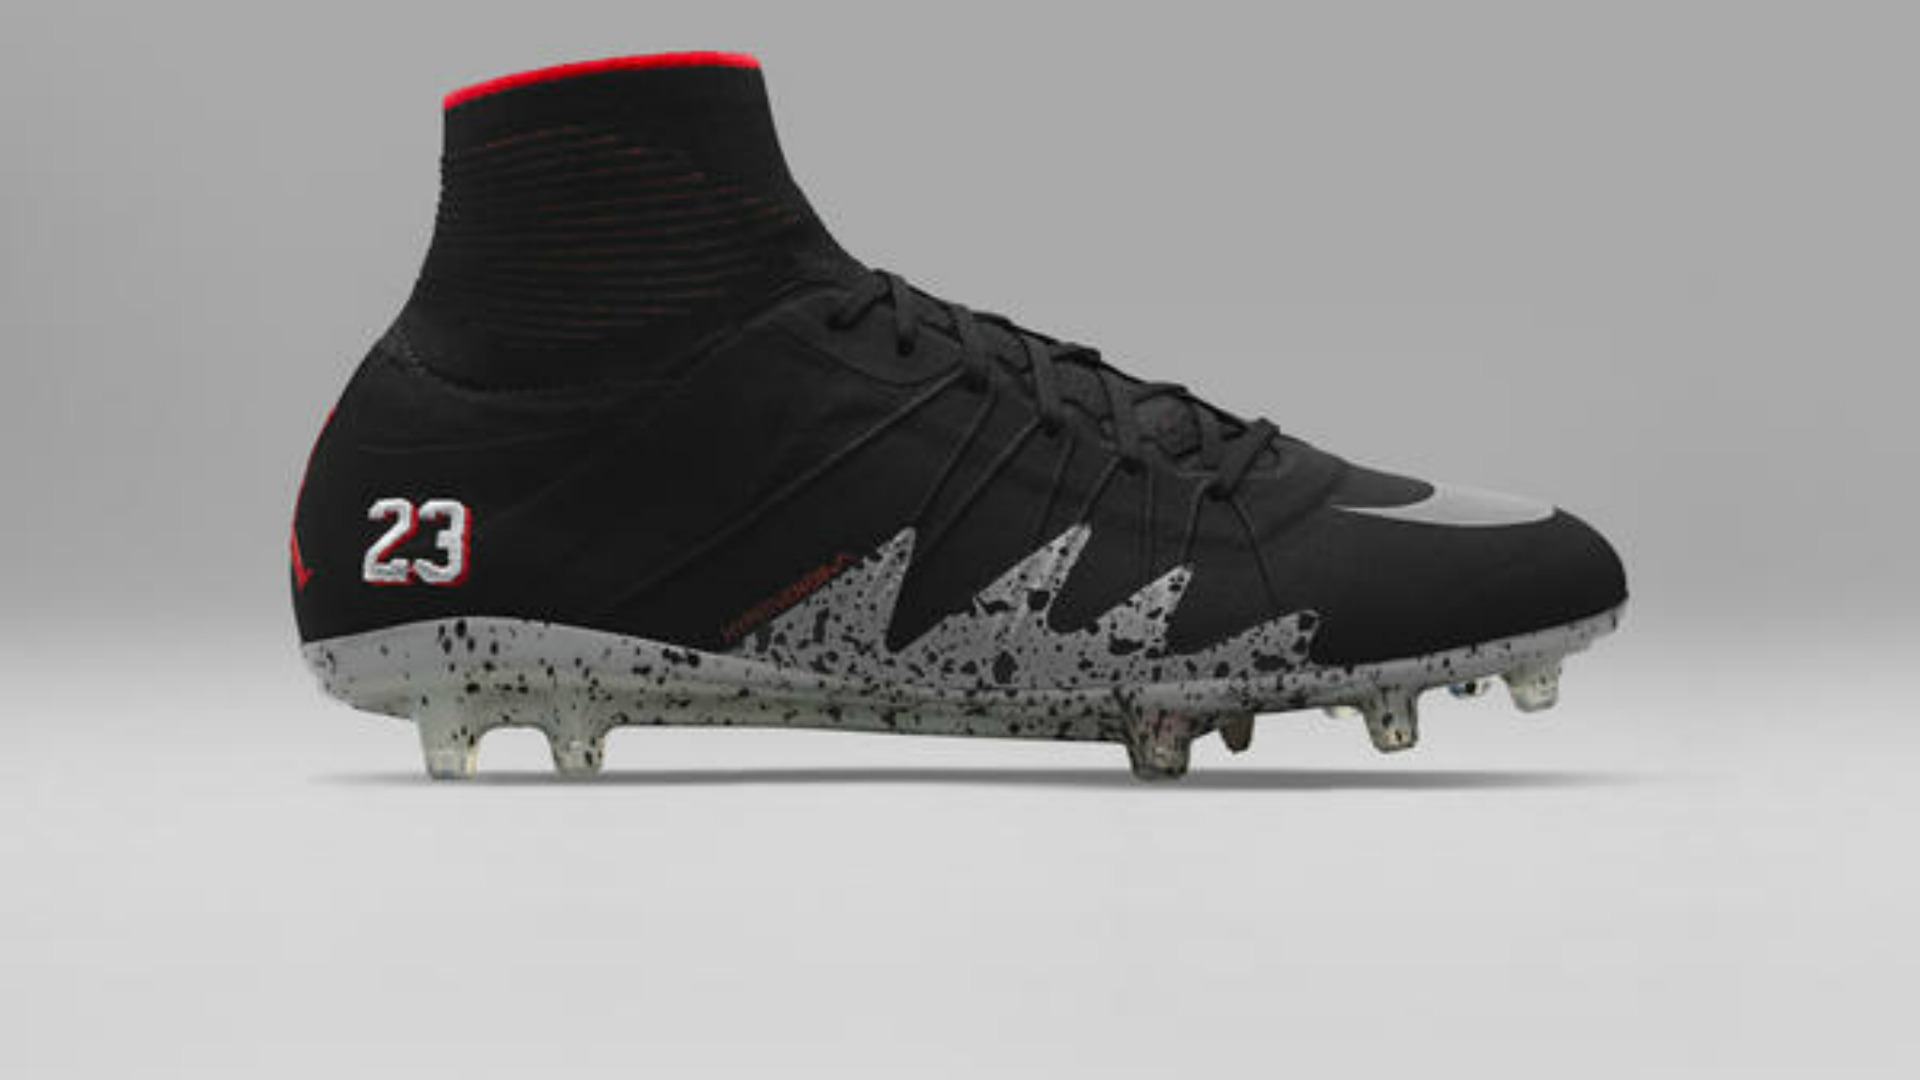 442a167aeec94 Los nuevos botines de Neymar